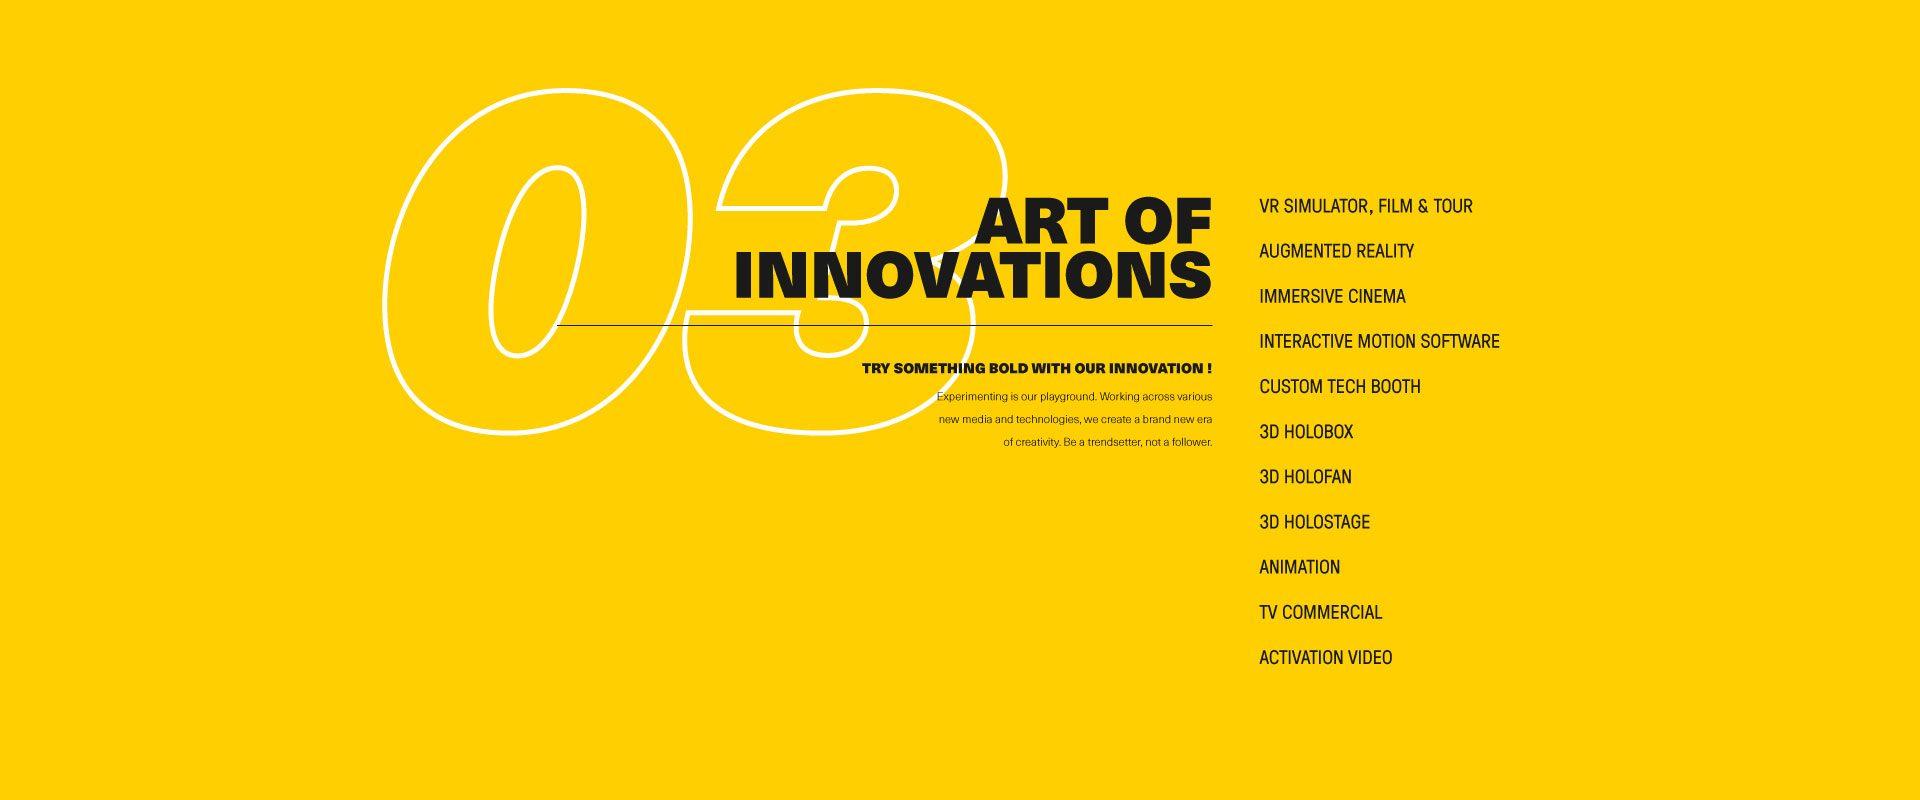 Art Of Innovations